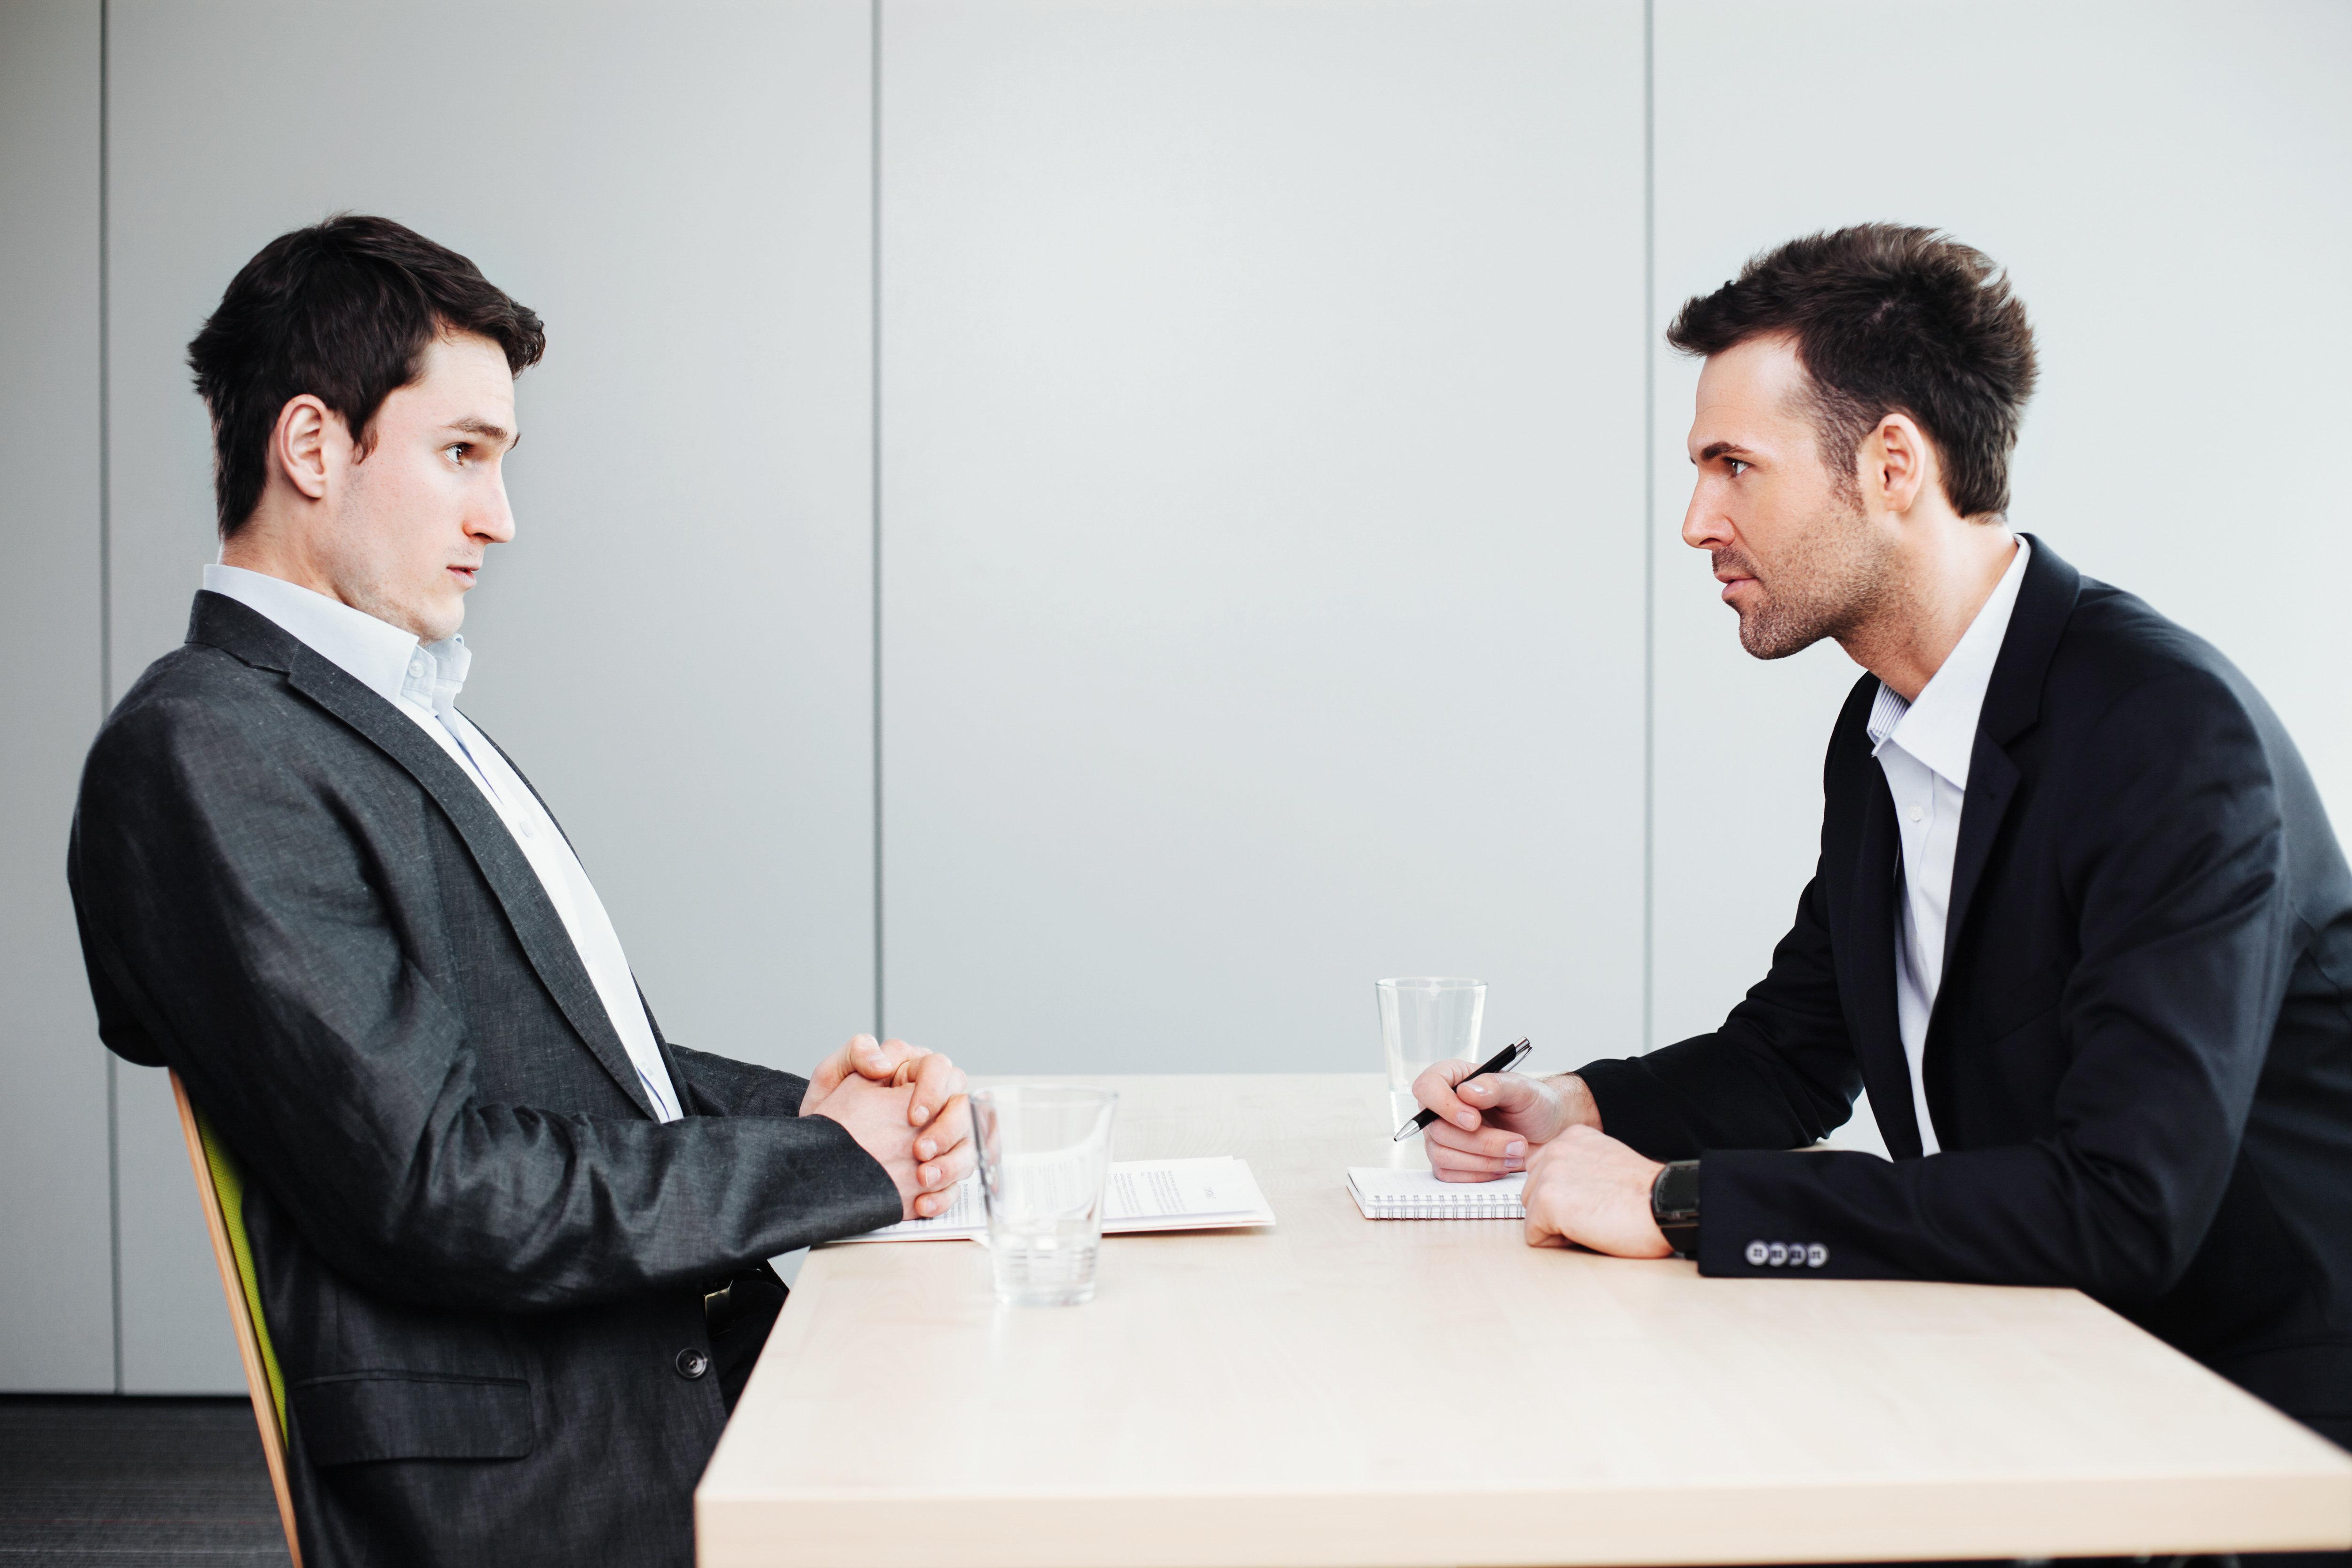 Как не потерять отличного кандидата. Советы от HR-специалистов кадрового Агентства «Марсо»